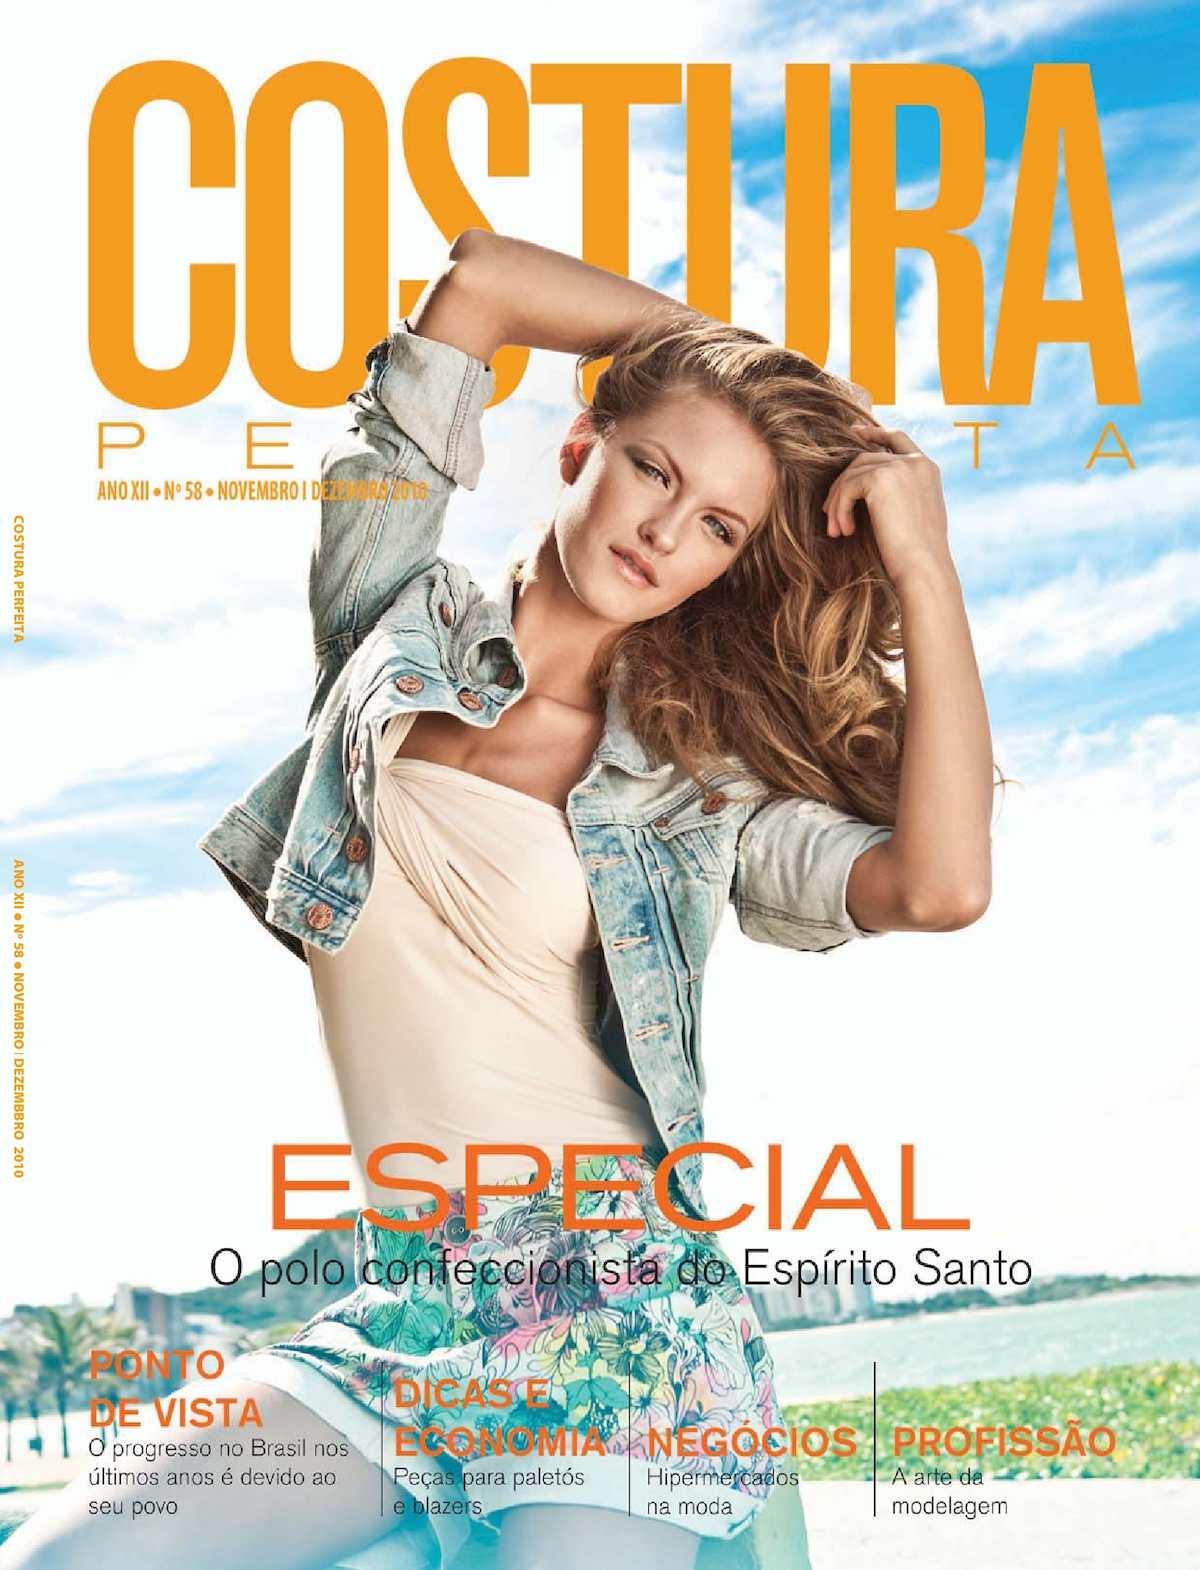 8695835f5 Calaméo - Revista Costura Perfeita Edição Ano XII - N58 - Novembro-Dezembro  2010